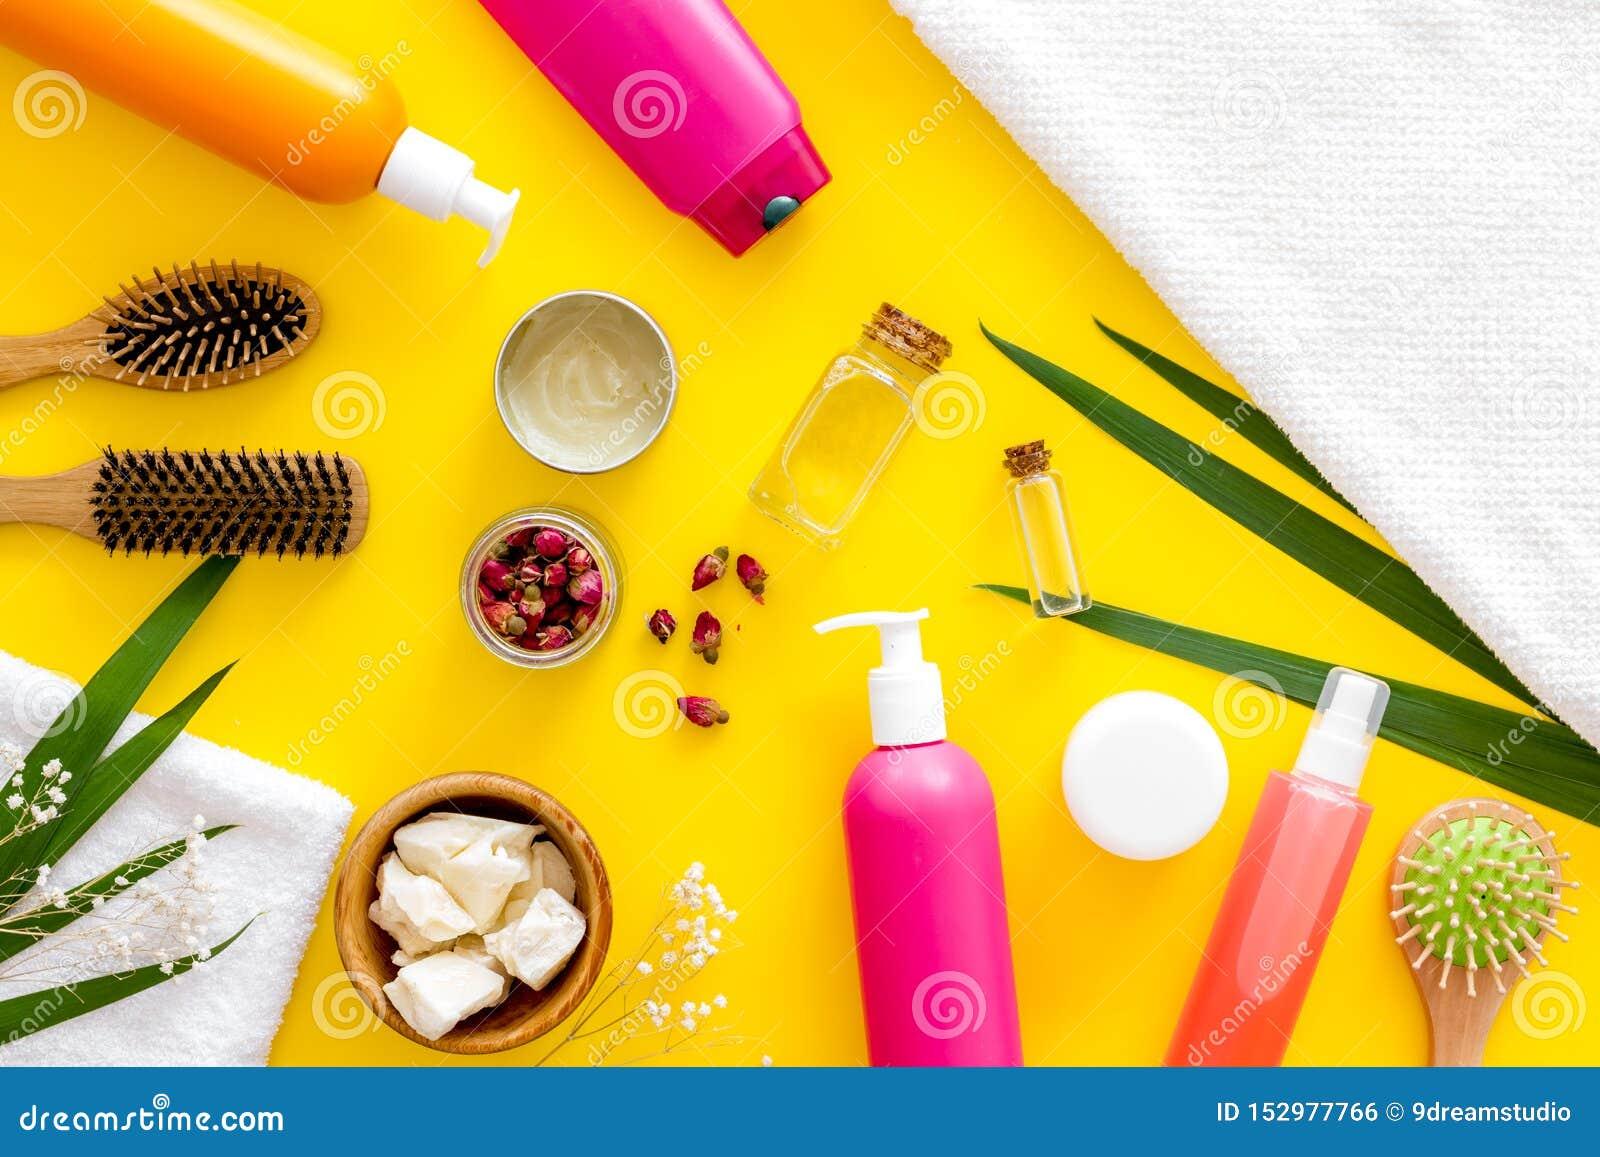 Τα καλλυντικά για την τρίχα φροντίζουν με jojoba, argan ή το έλαιο και το σαμπουάν καρύδων στο μπουκάλι στο κίτρινο σχέδιο άποψης